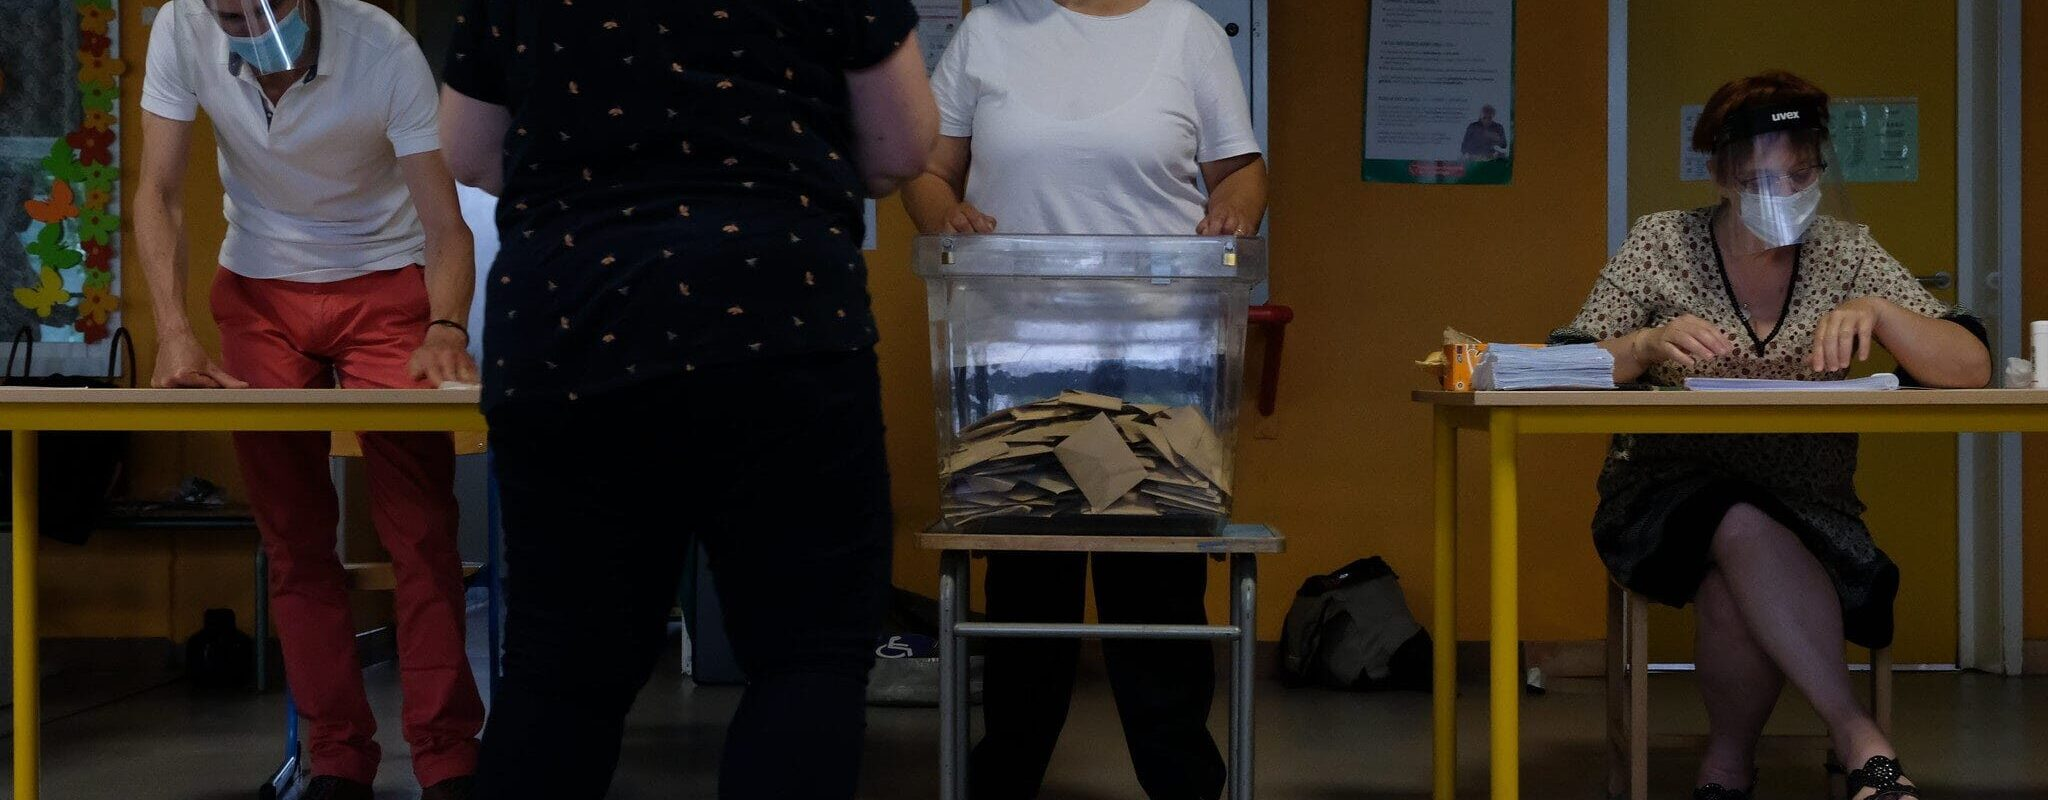 Coup de poing et bulletins manquants: un jour de vote sous tension à l'Elsau et Montagne Verte